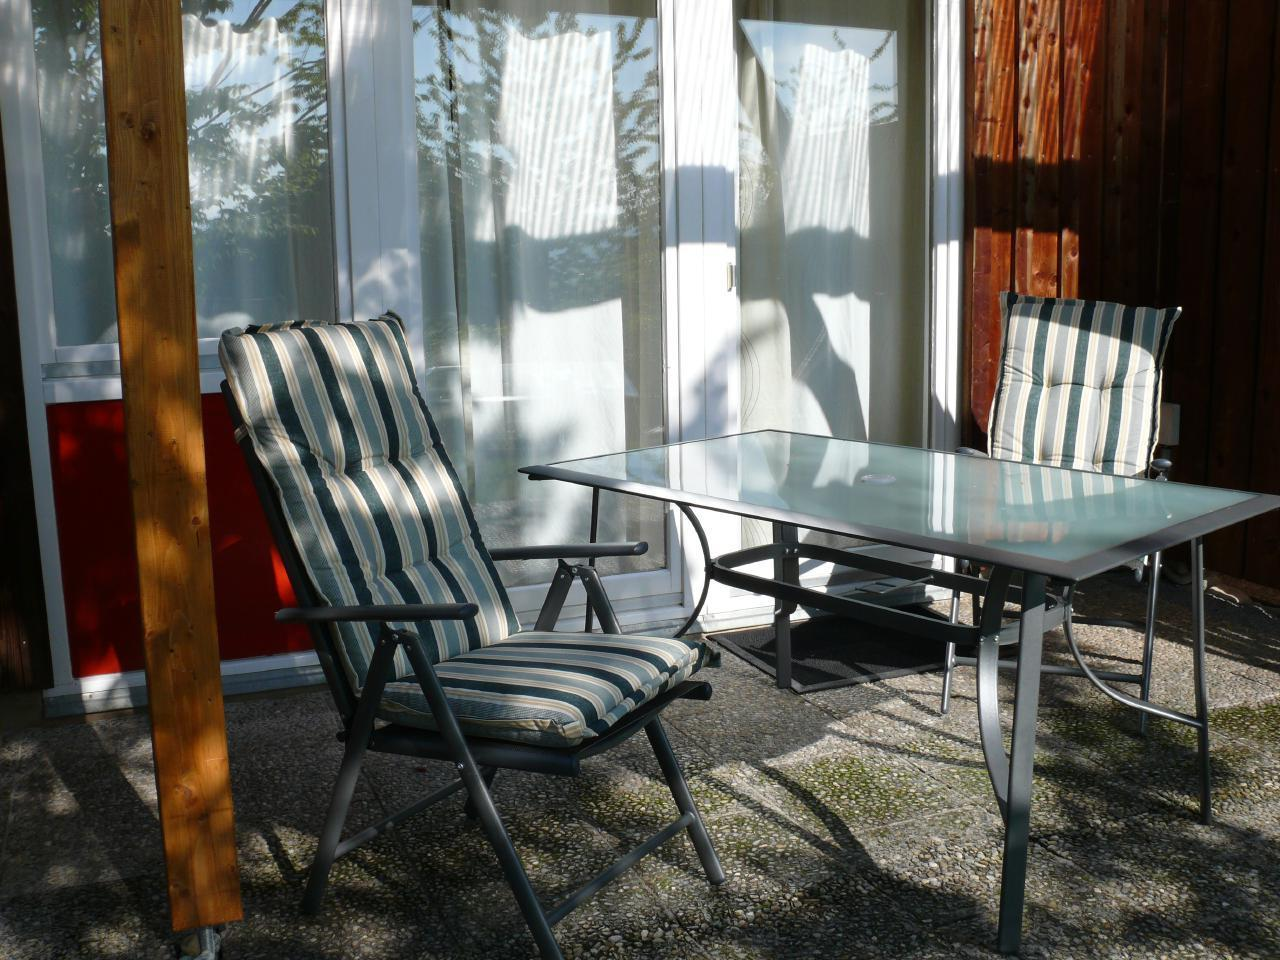 Ferienhaus Bärbel am Schlossberg; jetzt incl. Heizung, Strom, Wasser, Müll, WLAN und 2. Fernseher* (402830), Zandt, Bayerischer Wald, Bayern, Deutschland, Bild 11